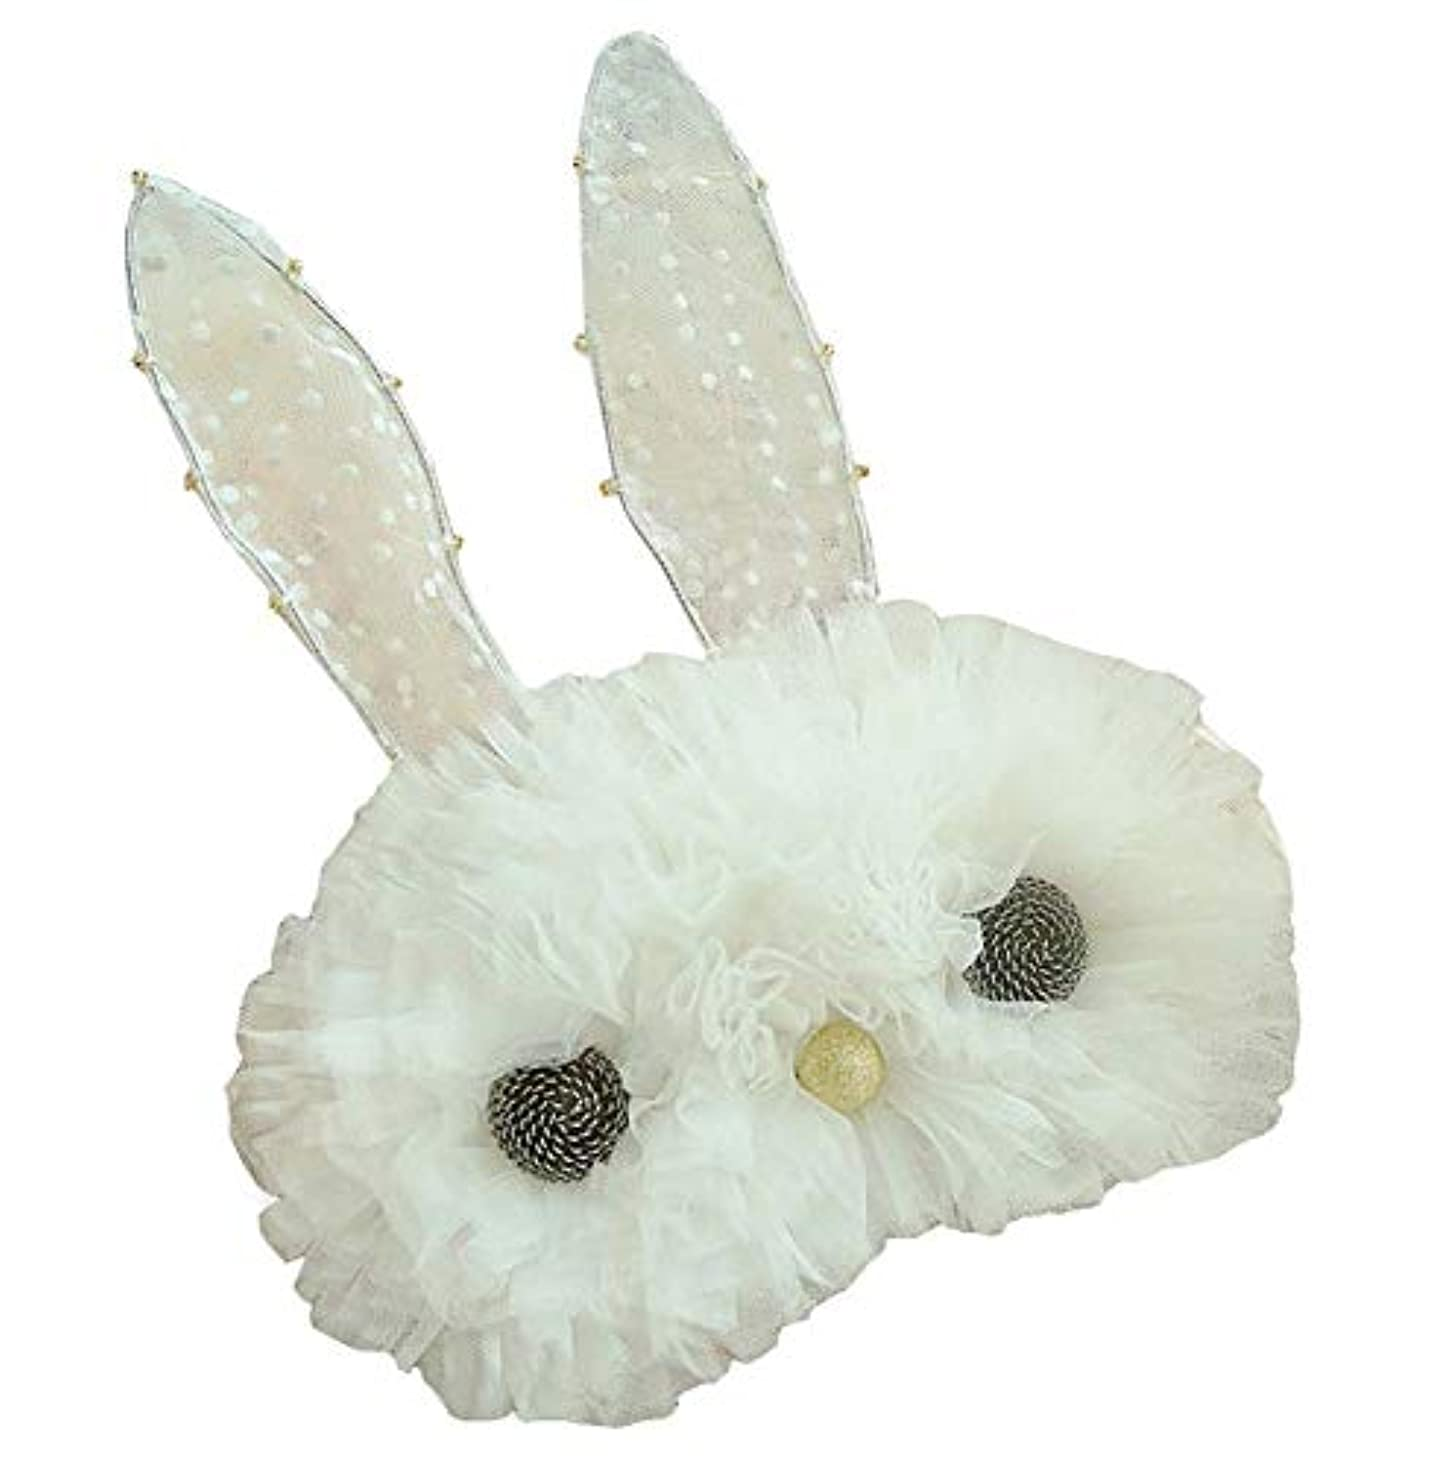 第五より平らなキャッチ白くかわいいウサギの睡眠の目マスクの柔らかい目隠しの睡眠のマスクの家の睡眠旅行のための目カバー